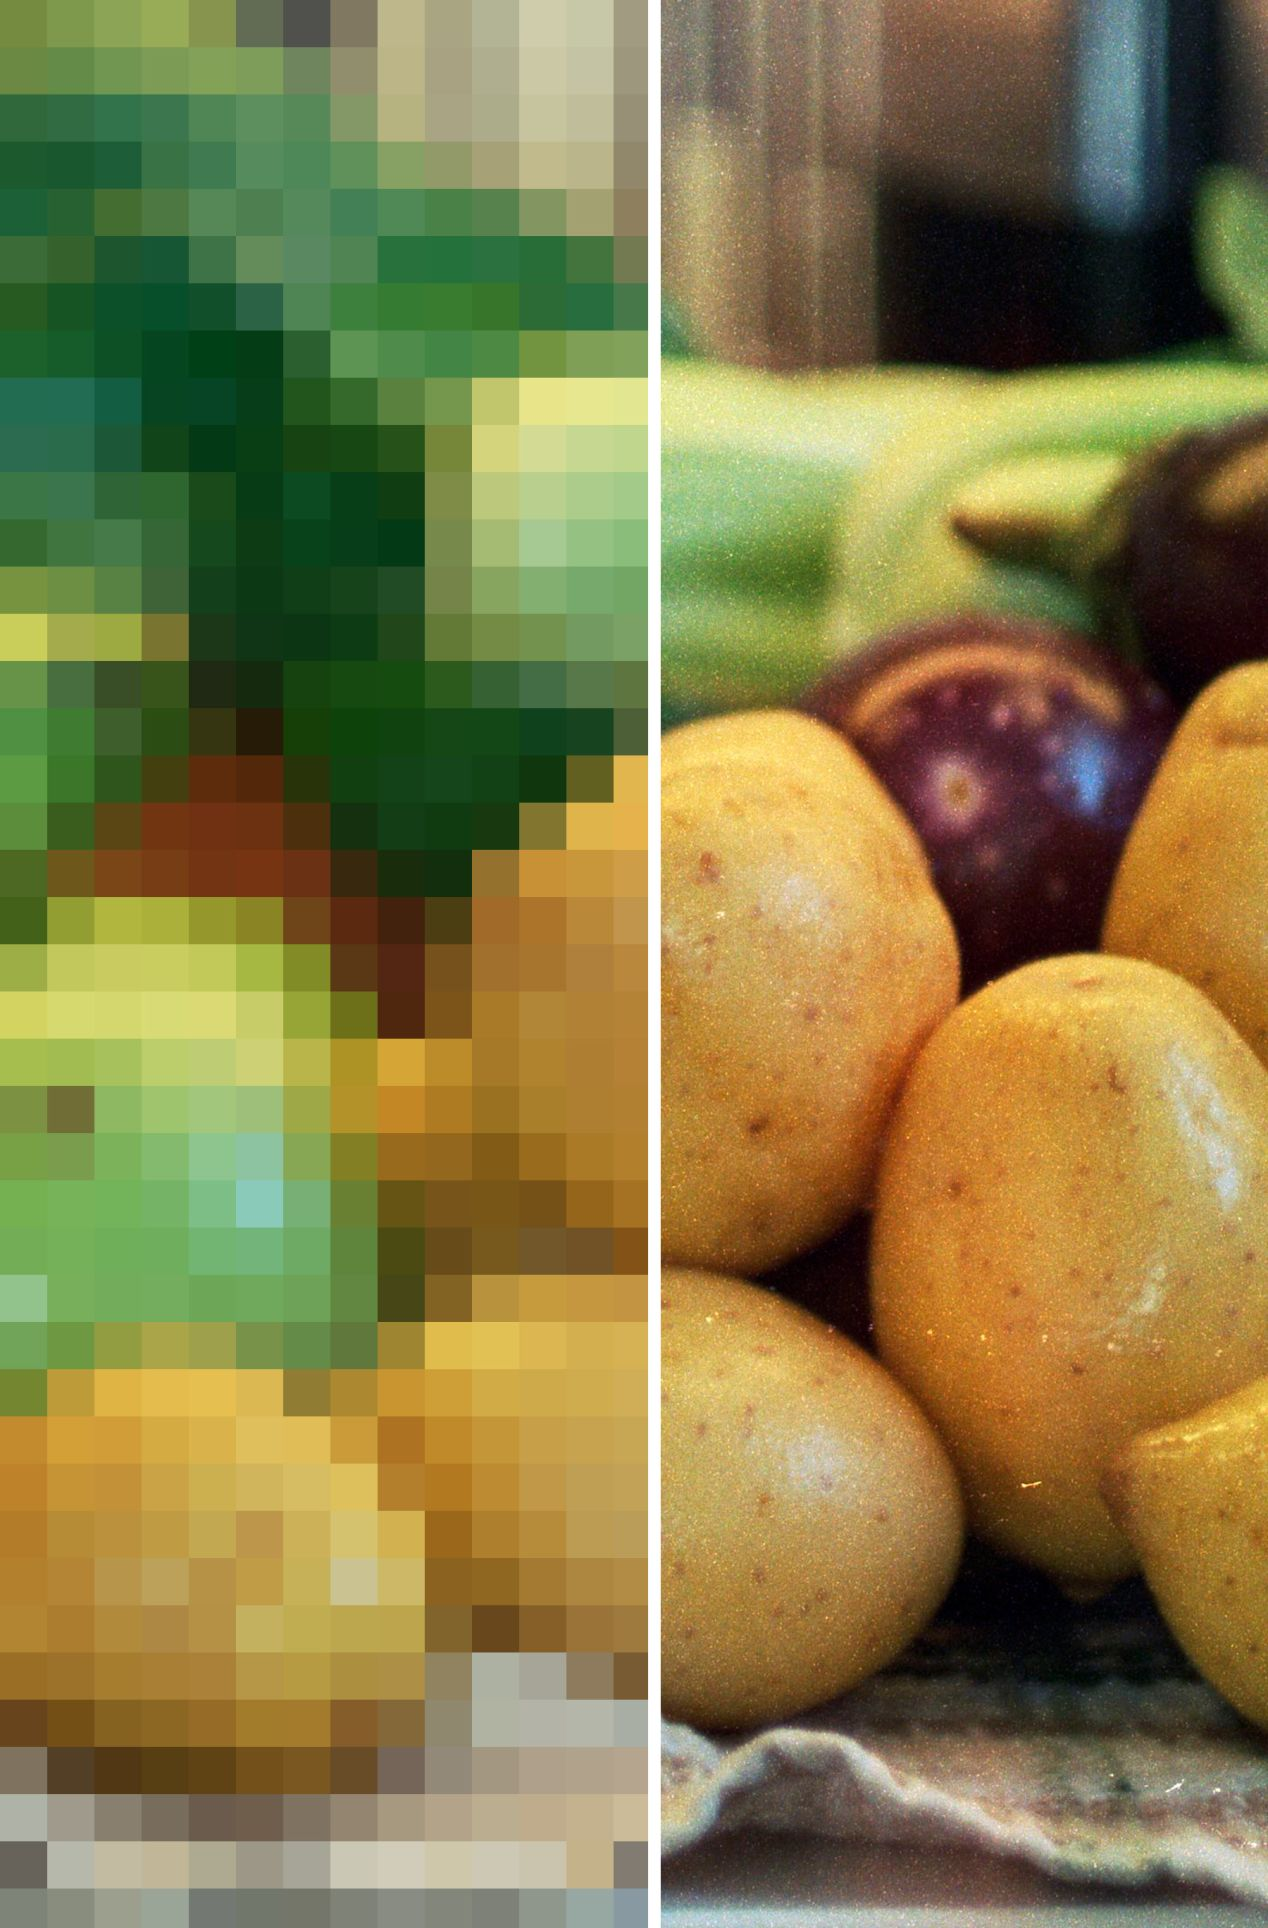 A 400% crop from a CineStill 50D scan at 75DPI (left) vs. 5,000DPI (right).